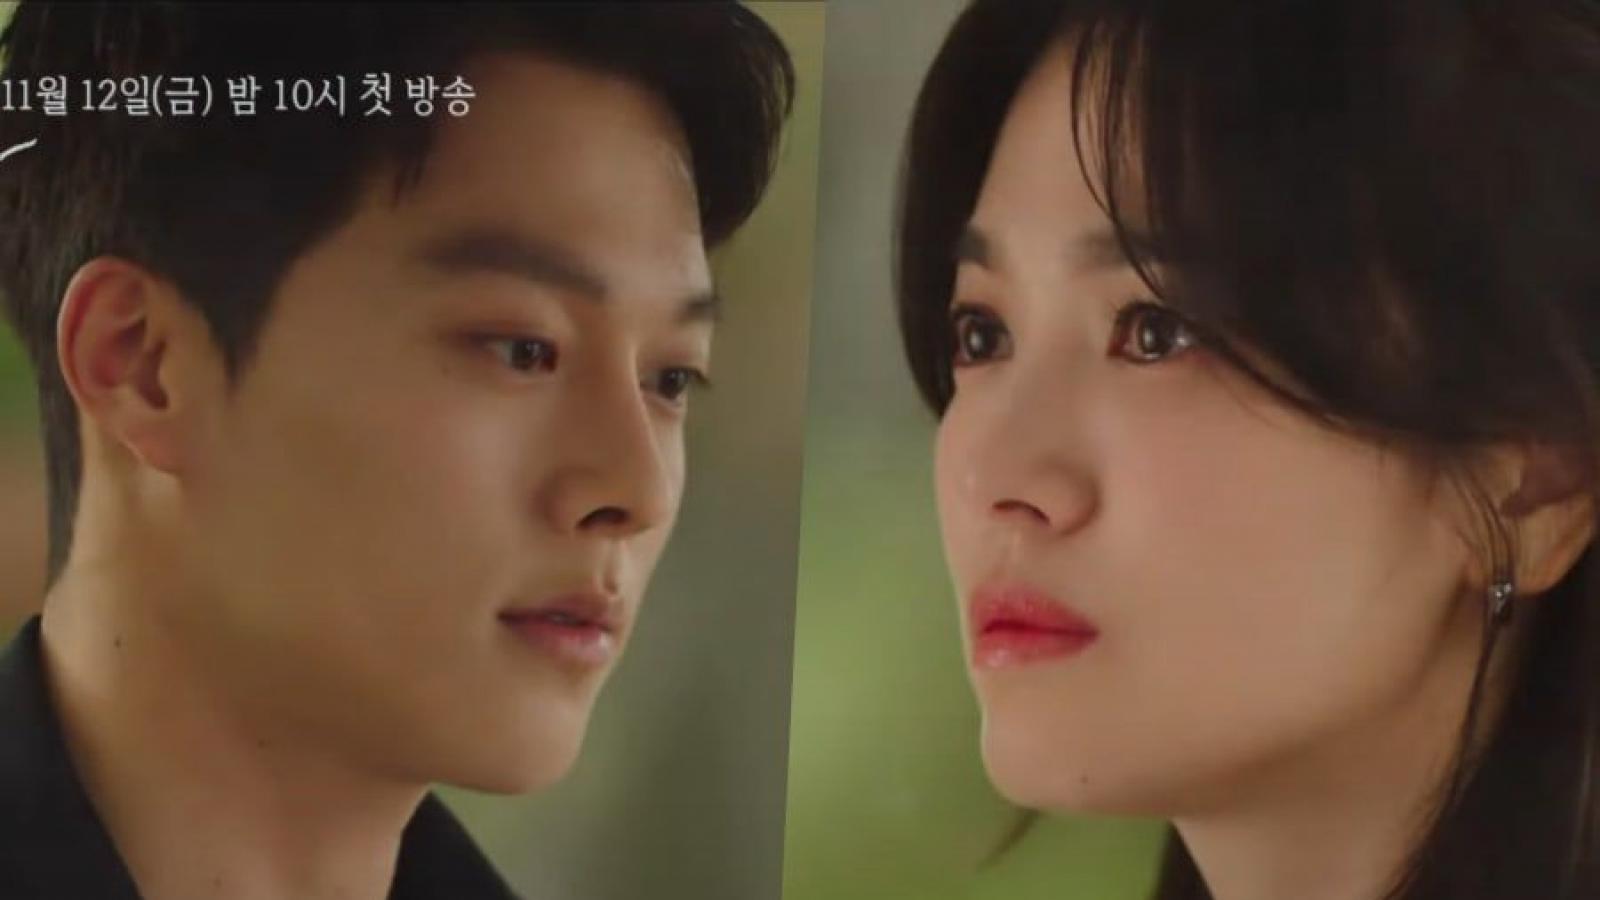 """Song Hye Kyo bật khóc dưới cơn mưa bên """"tình trẻ"""" Jang Ki Yong trong teaser phim mới"""